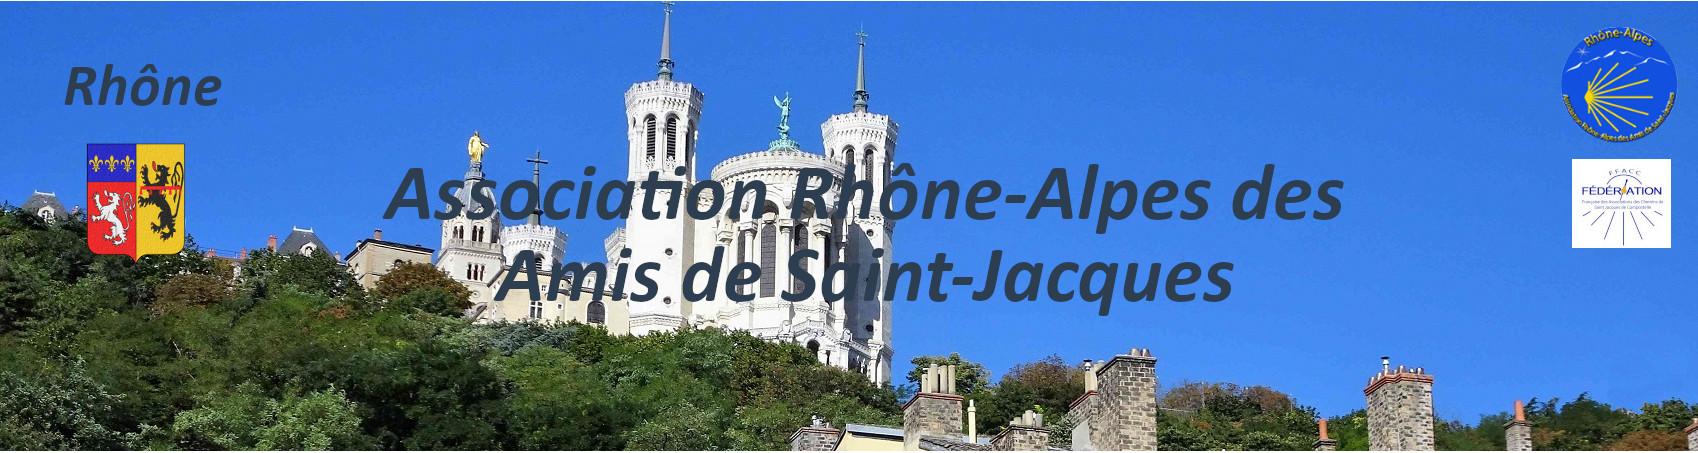 Délégation du Rhône